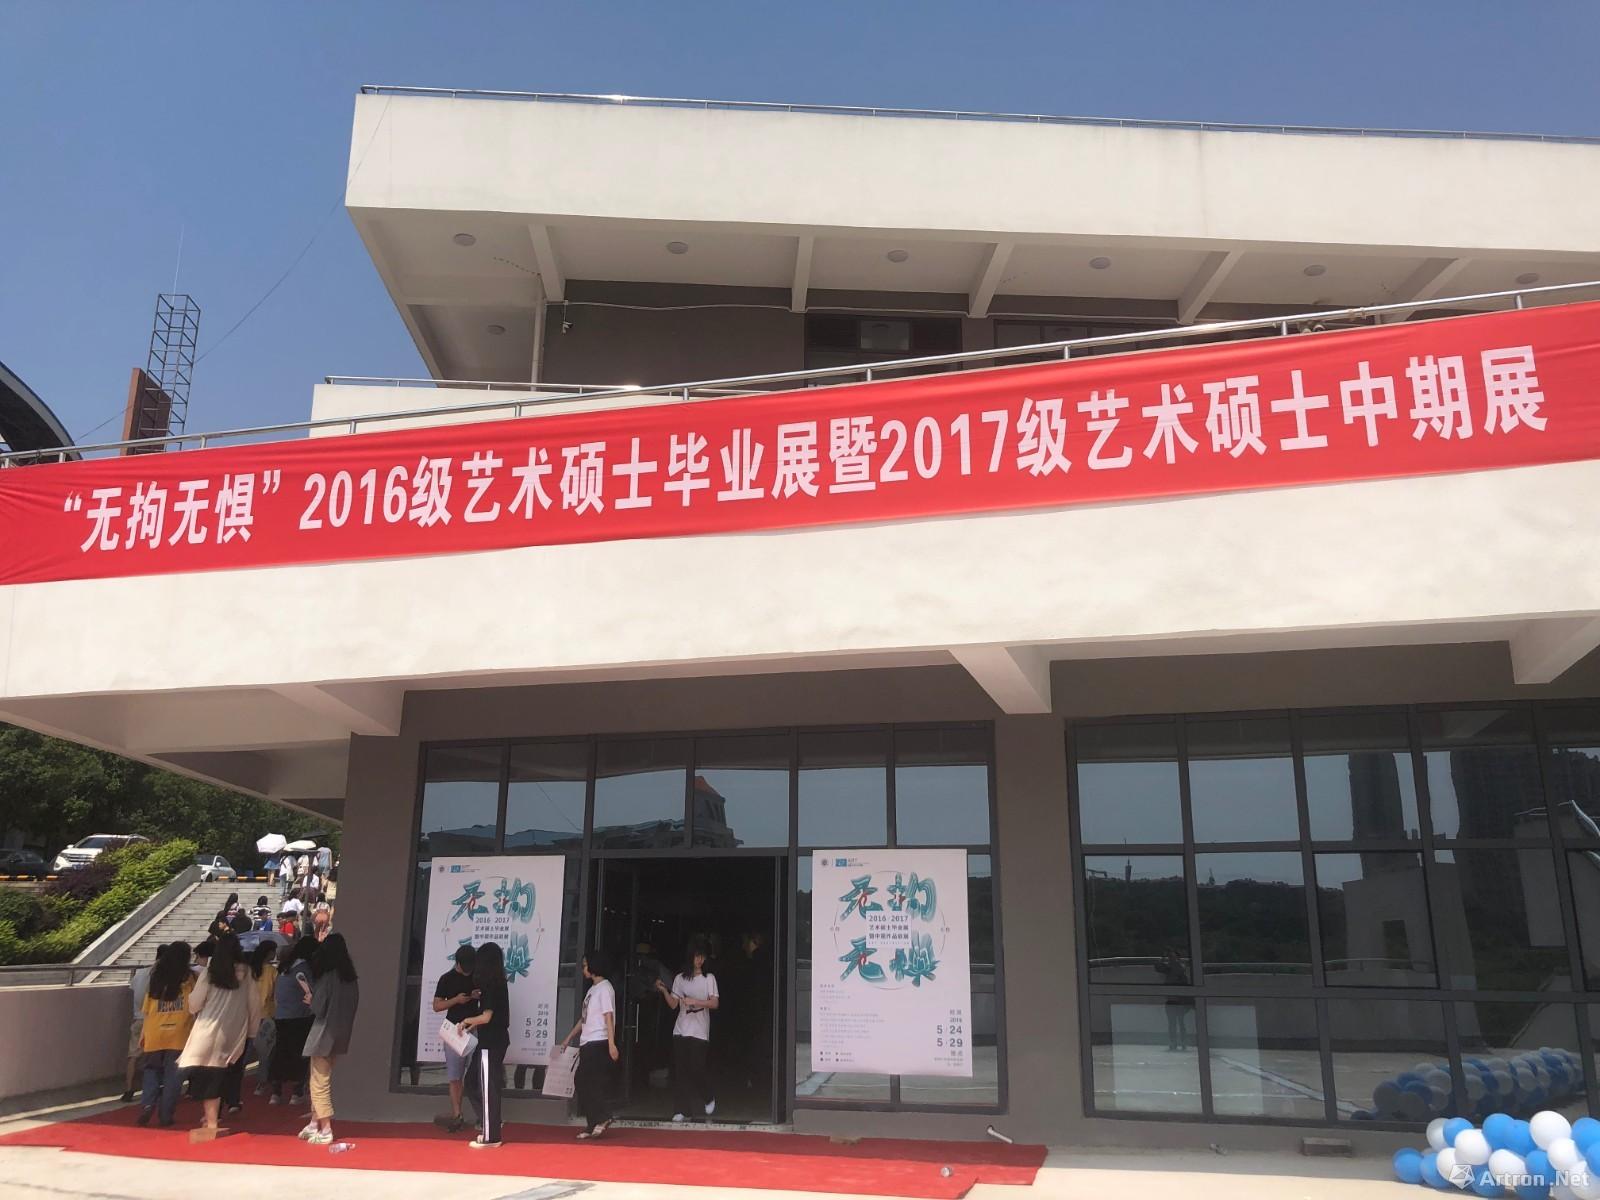 无拘才能无惧 湘潭大学艺术硕士2016级毕业展开幕